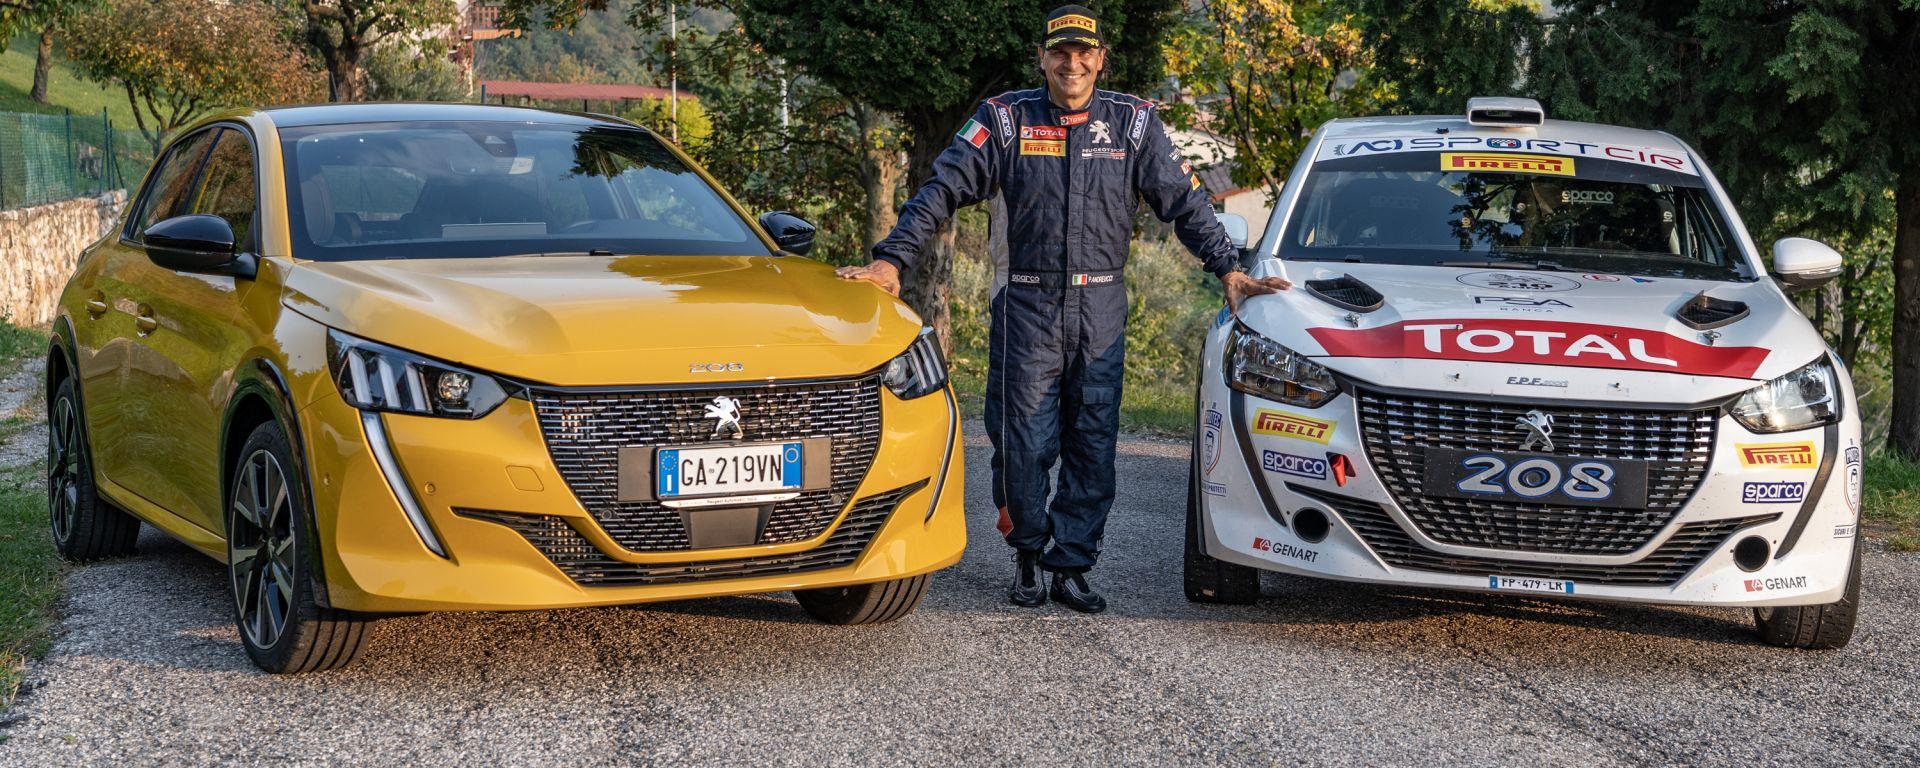 CIR 2020: Andreucci con Peugeot 208 e 208 Rally 4, fresca vincitrice del tricolore rally due ruote motrici